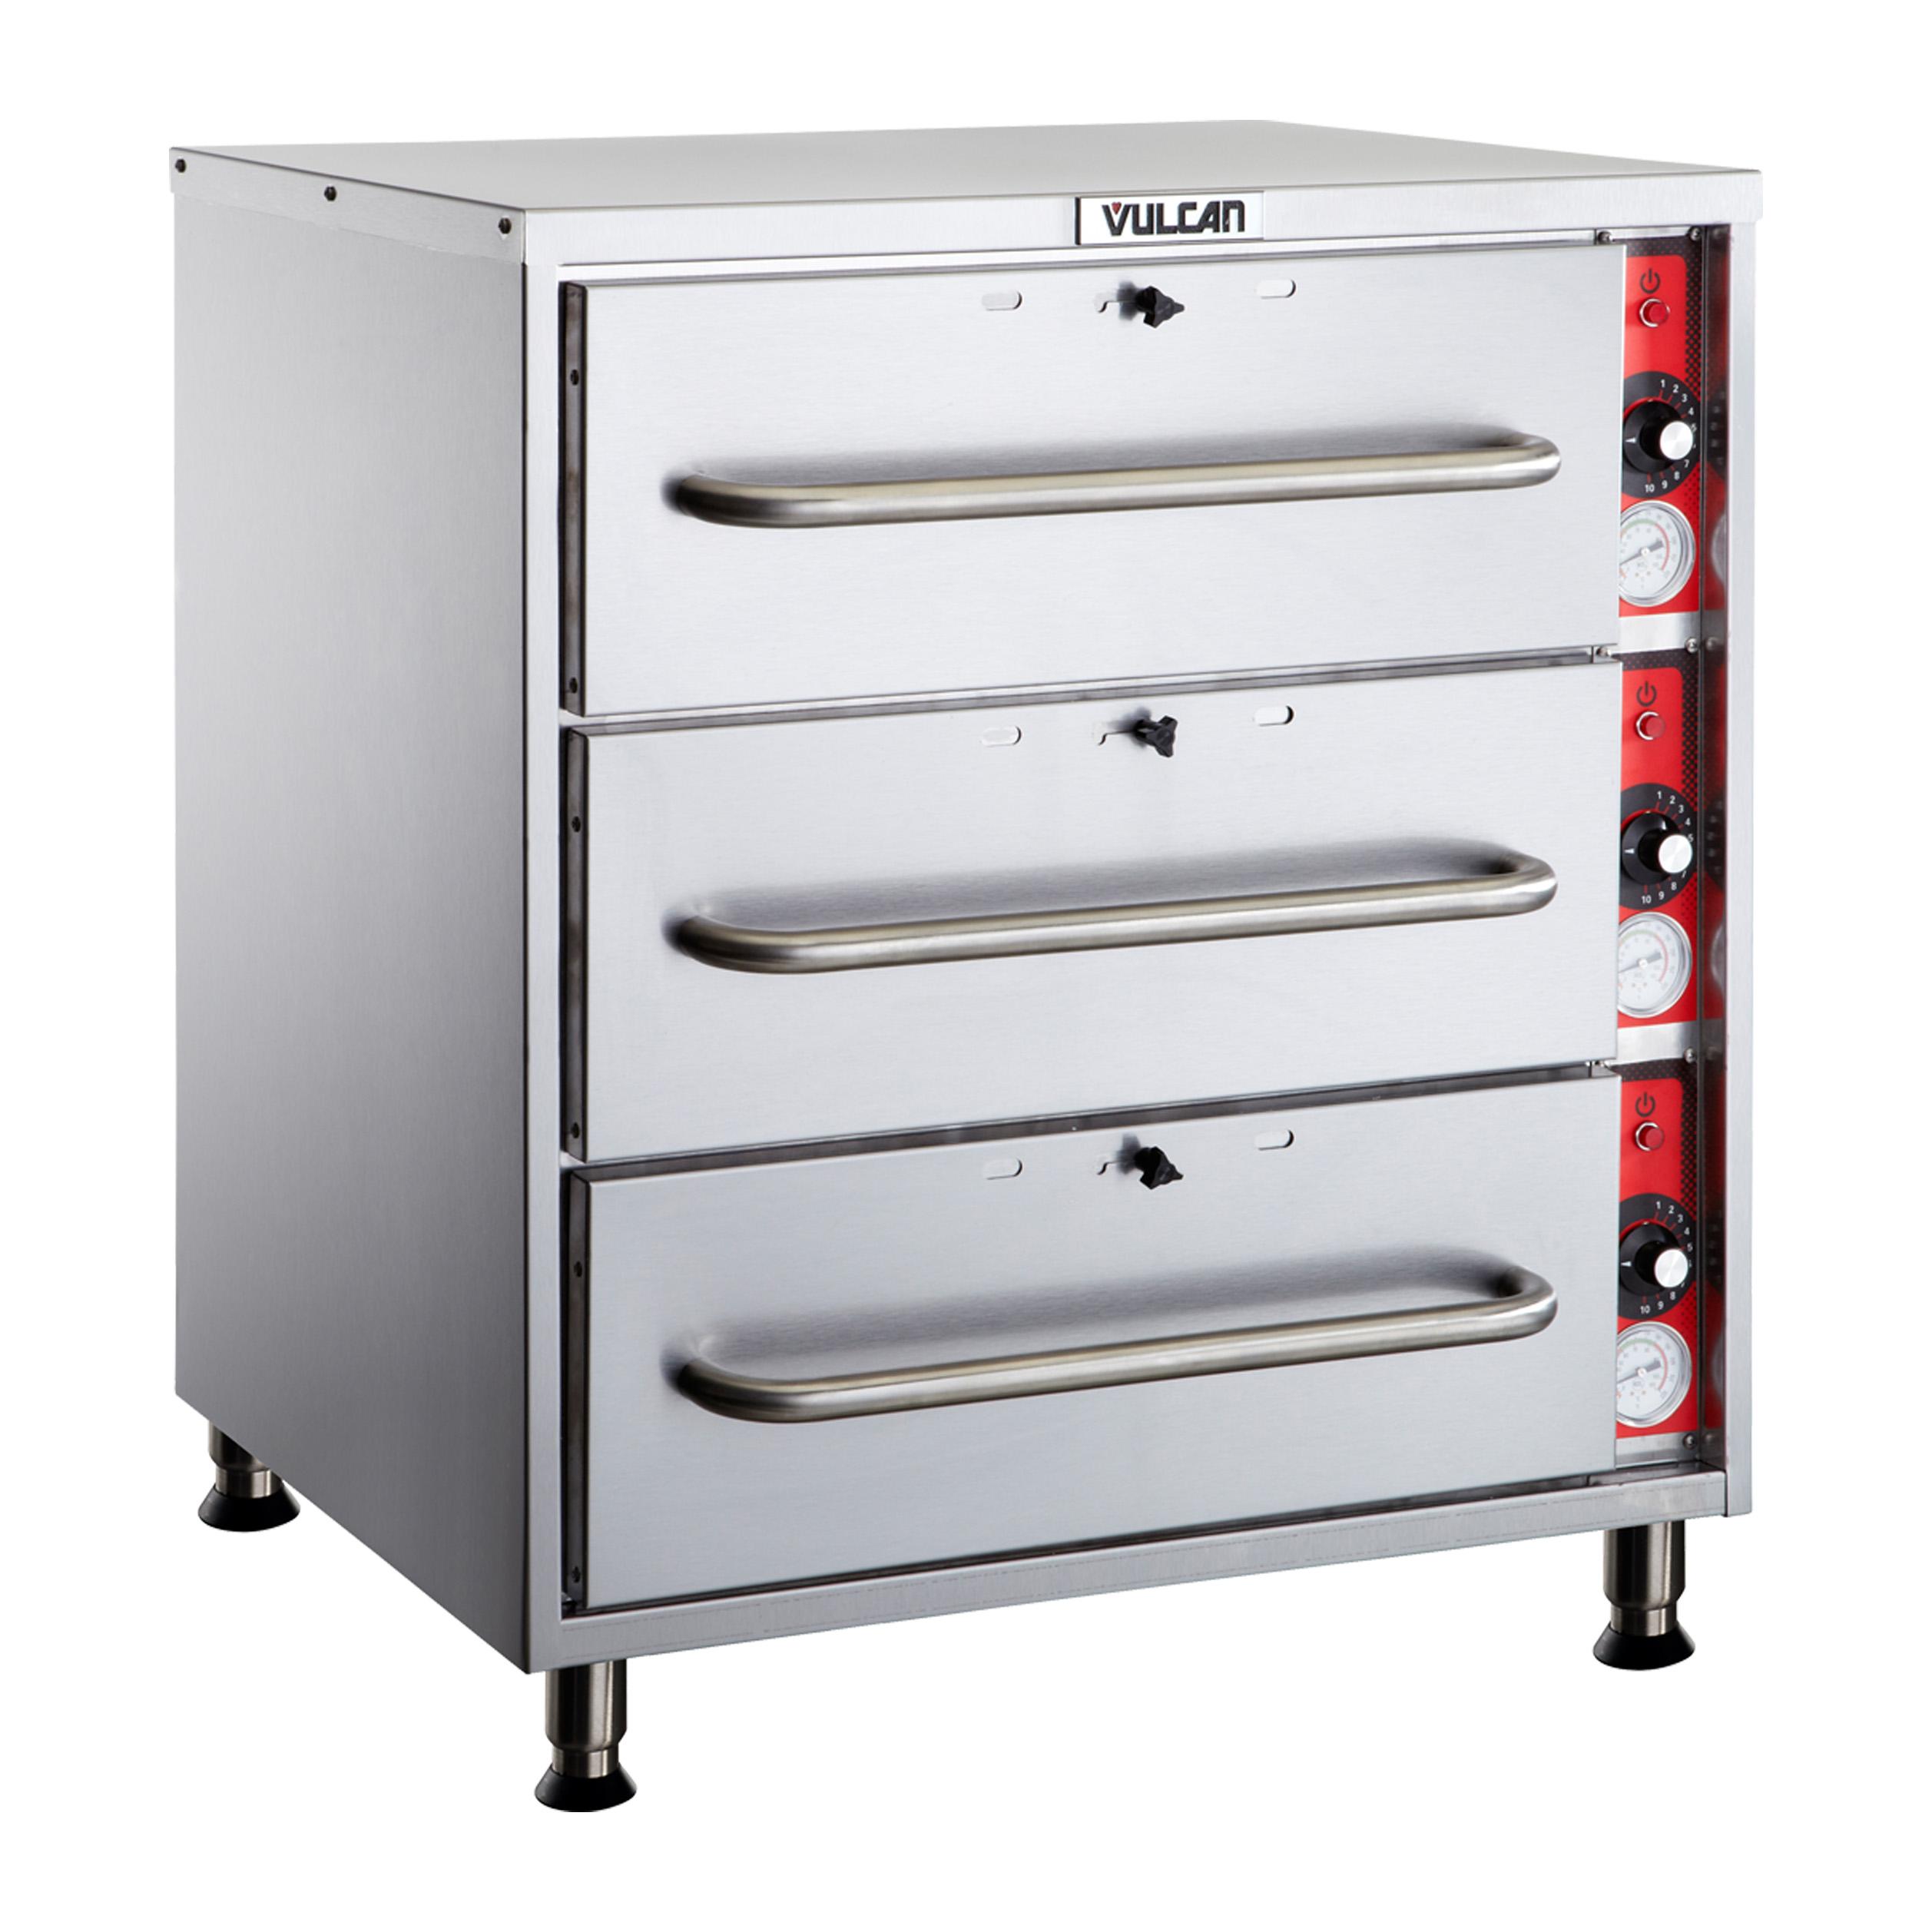 Vulcan VW3S warming drawer, free standing